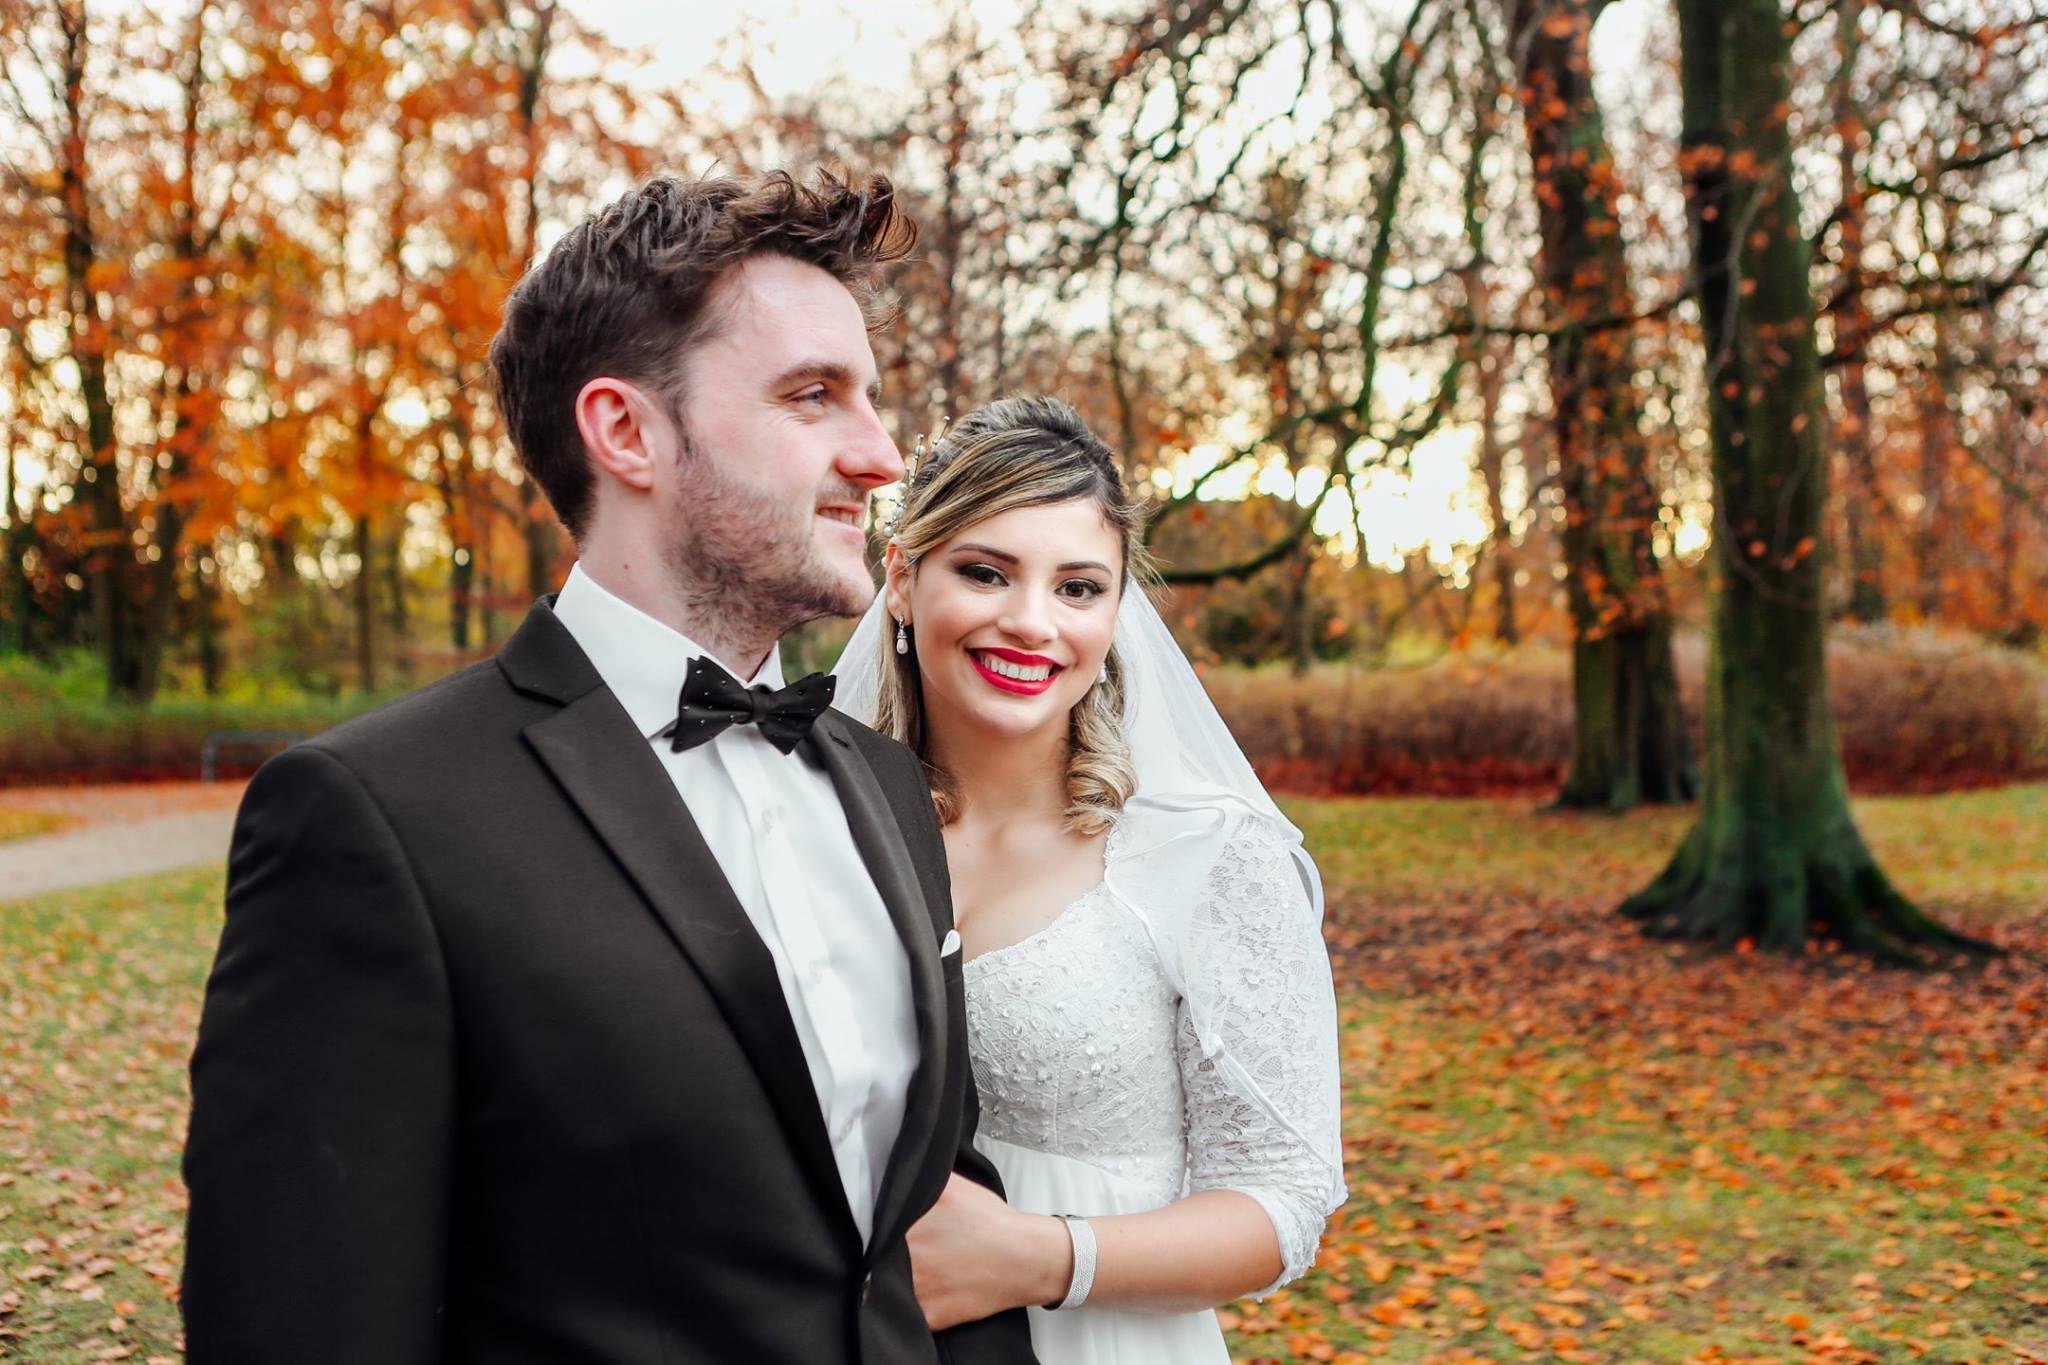 copenhagen-wedding-photograoher14